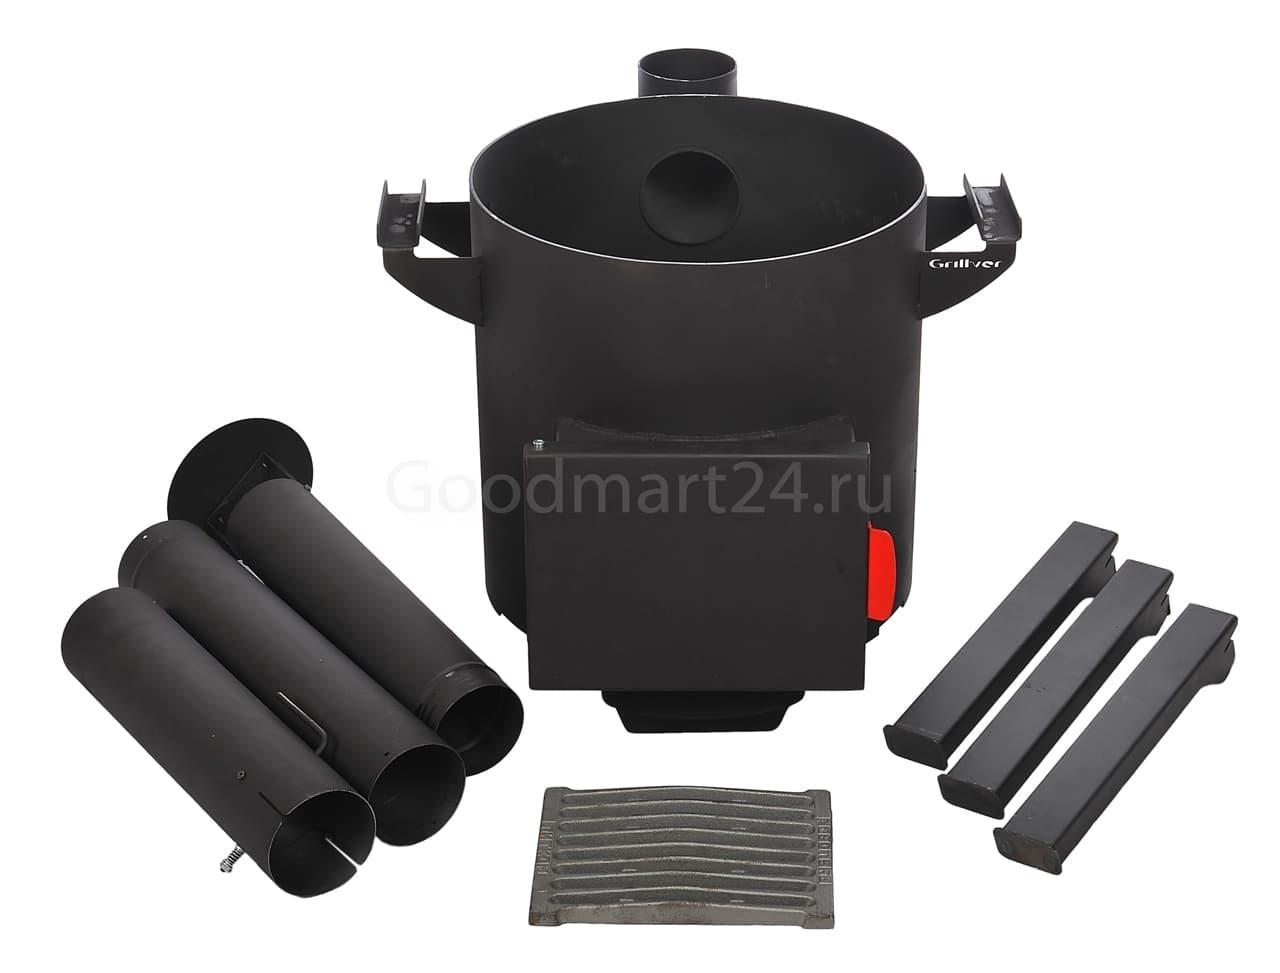 Чугунный казан 18 литров БЛМЗ + печь c трубой, поддувалом Grillver 3 мм. - фото 7221